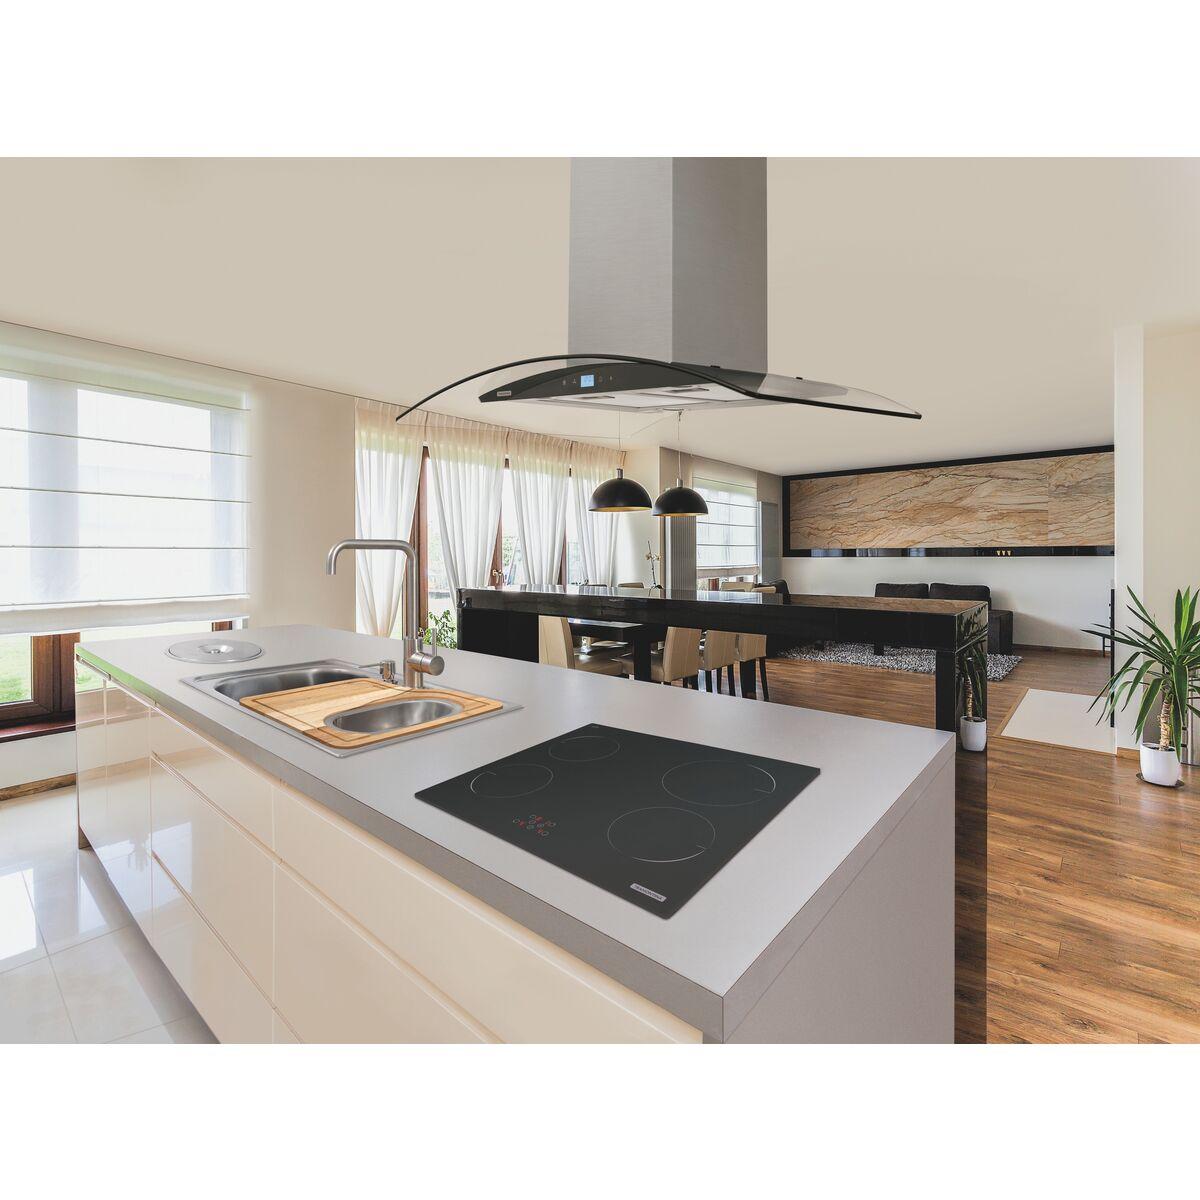 Tramontina - Campana de isla 90 cm en acero inoxidable + vidrio 220 V